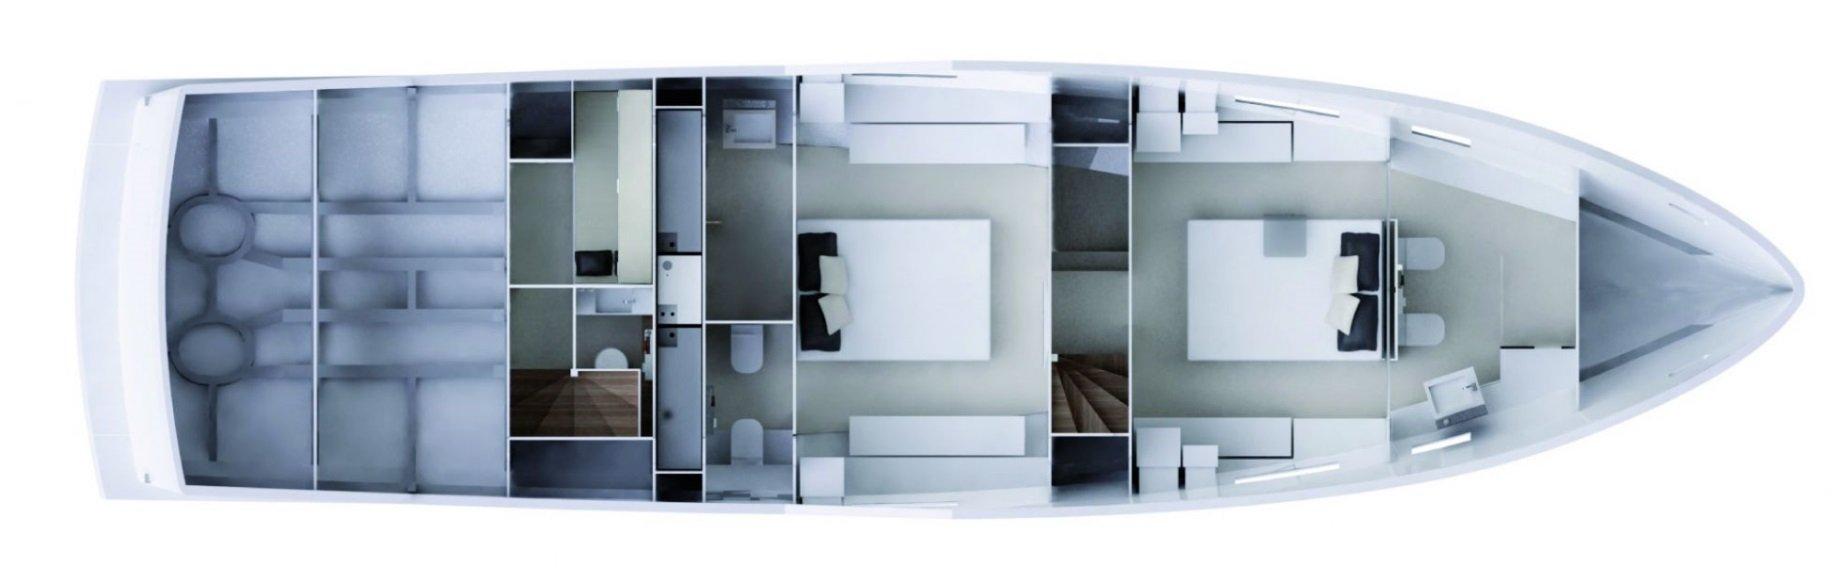 Vismara MY56 Navetta Interior Layouts